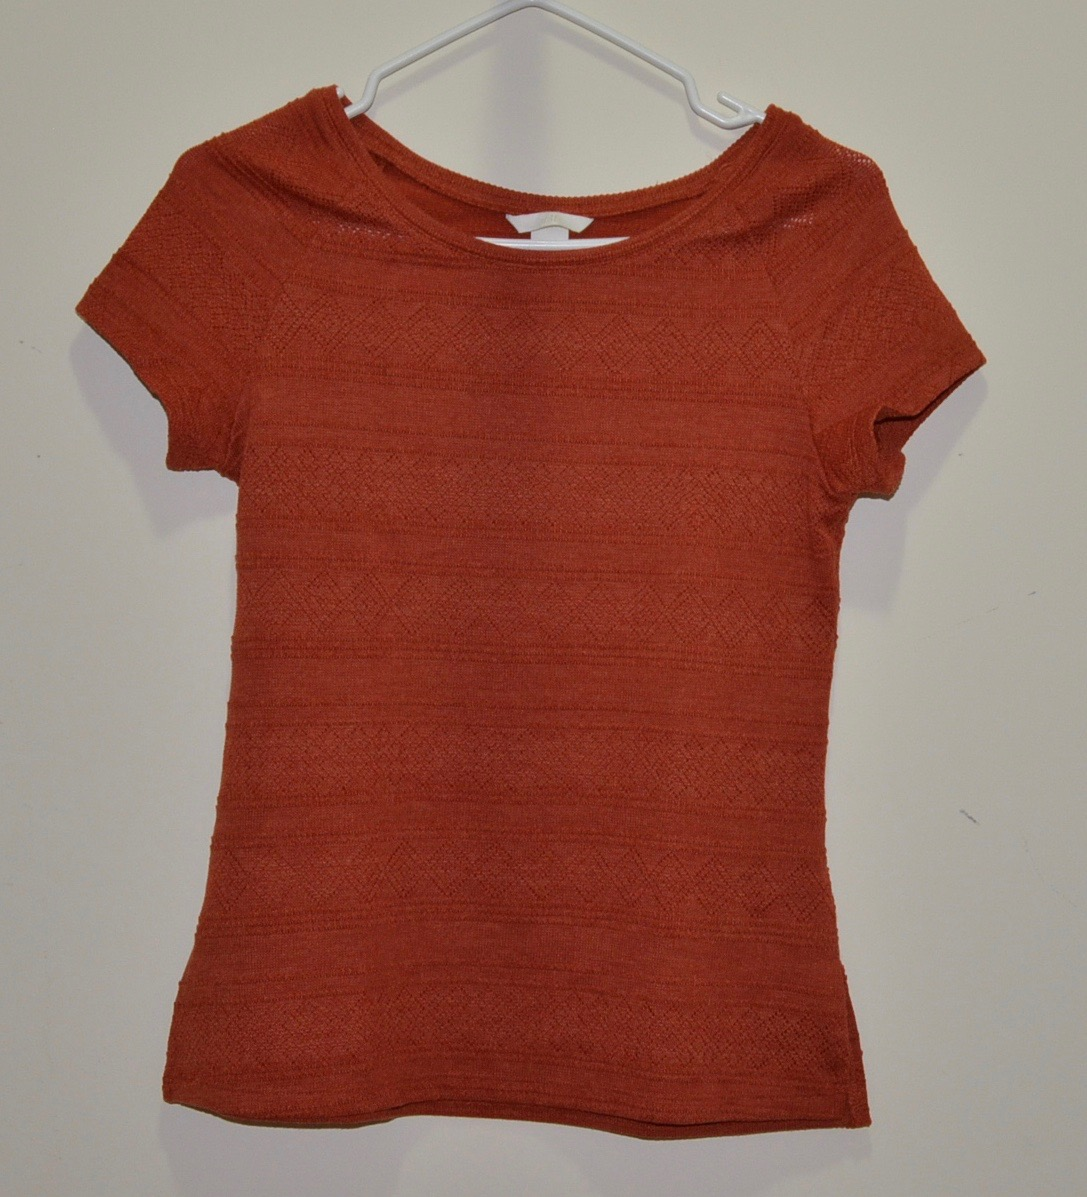 H&M Basic Knitted Shirt